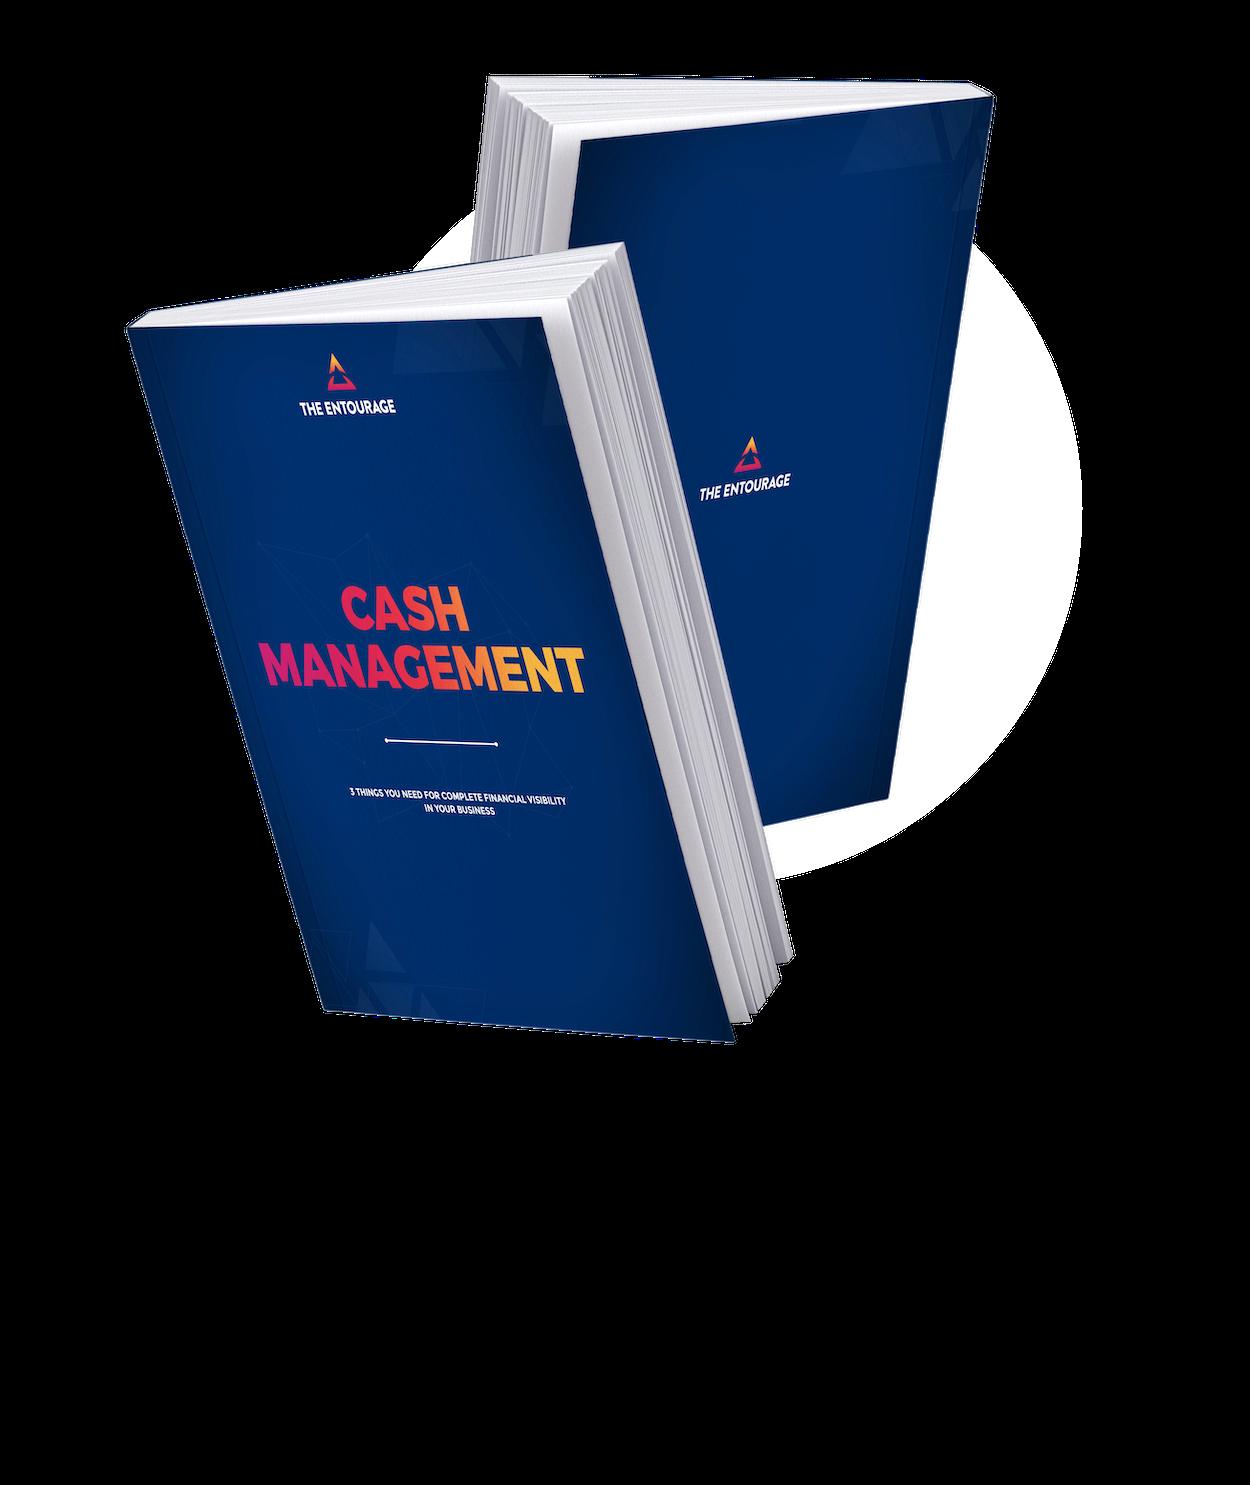 1_CashManagement-1